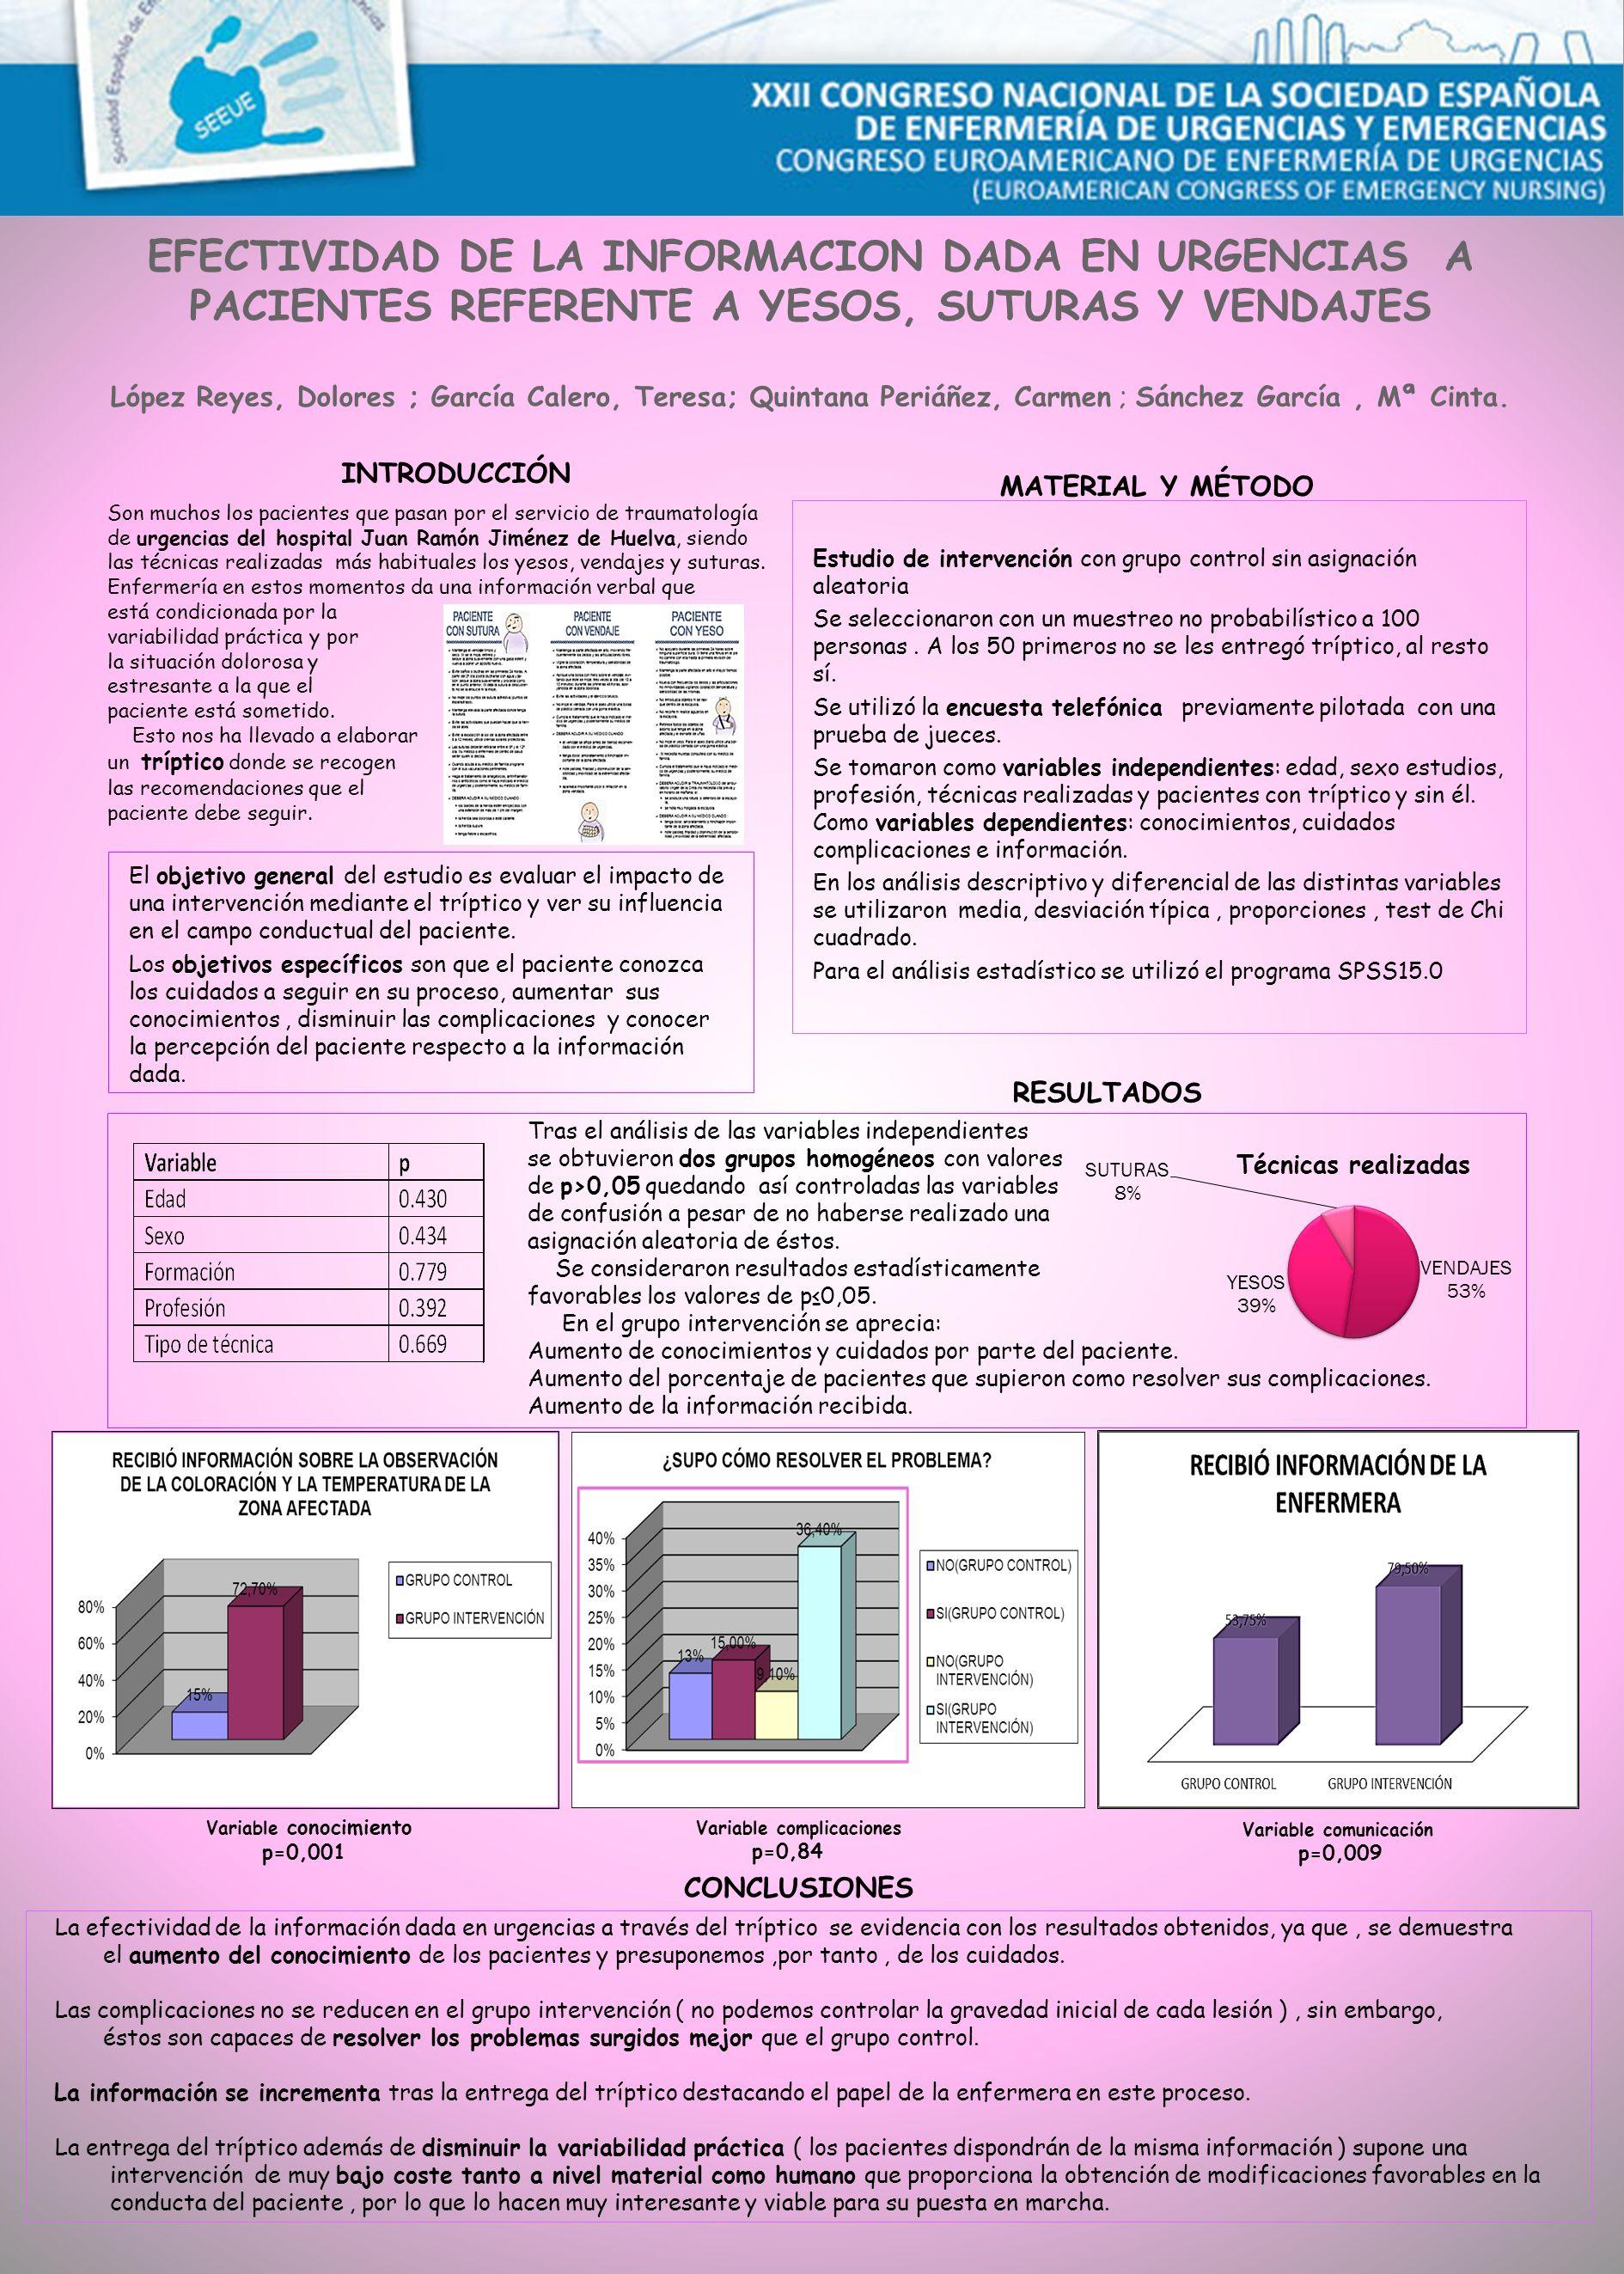 Estudio de intervención con grupo control sin asignación aleatoria Se seleccionaron con un muestreo no probabilístico a 100 personas.